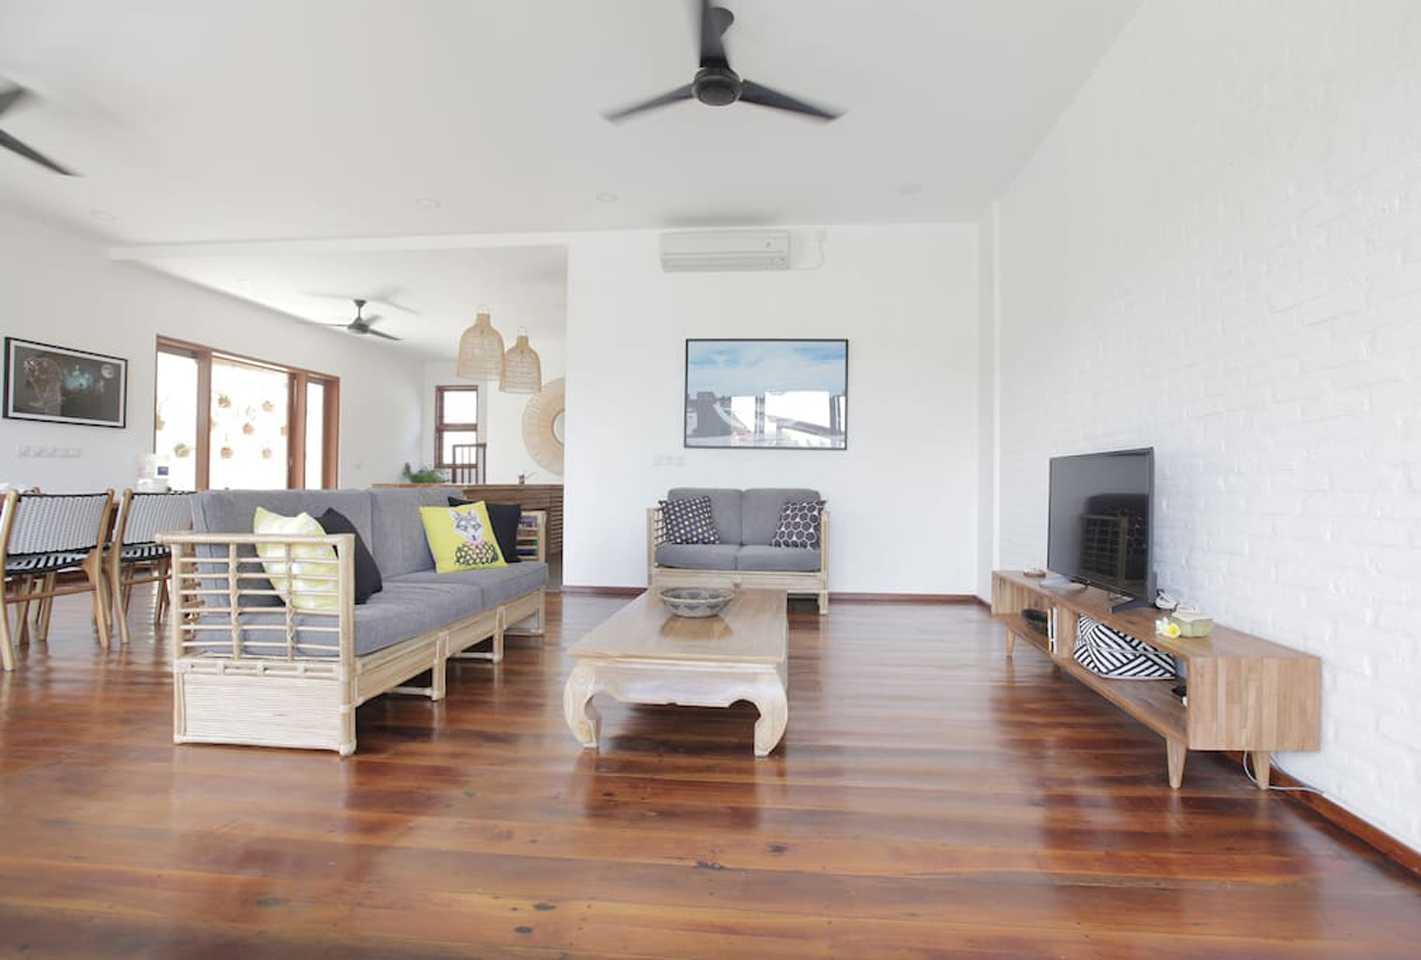 Hg Architects & Designers Associates Villa Pererenan Pererenan, Mengwi, Kabupaten Badung, Bali, Indonesia Pererenan, Mengwi, Kabupaten Badung, Bali, Indonesia Living Room Villa  48588